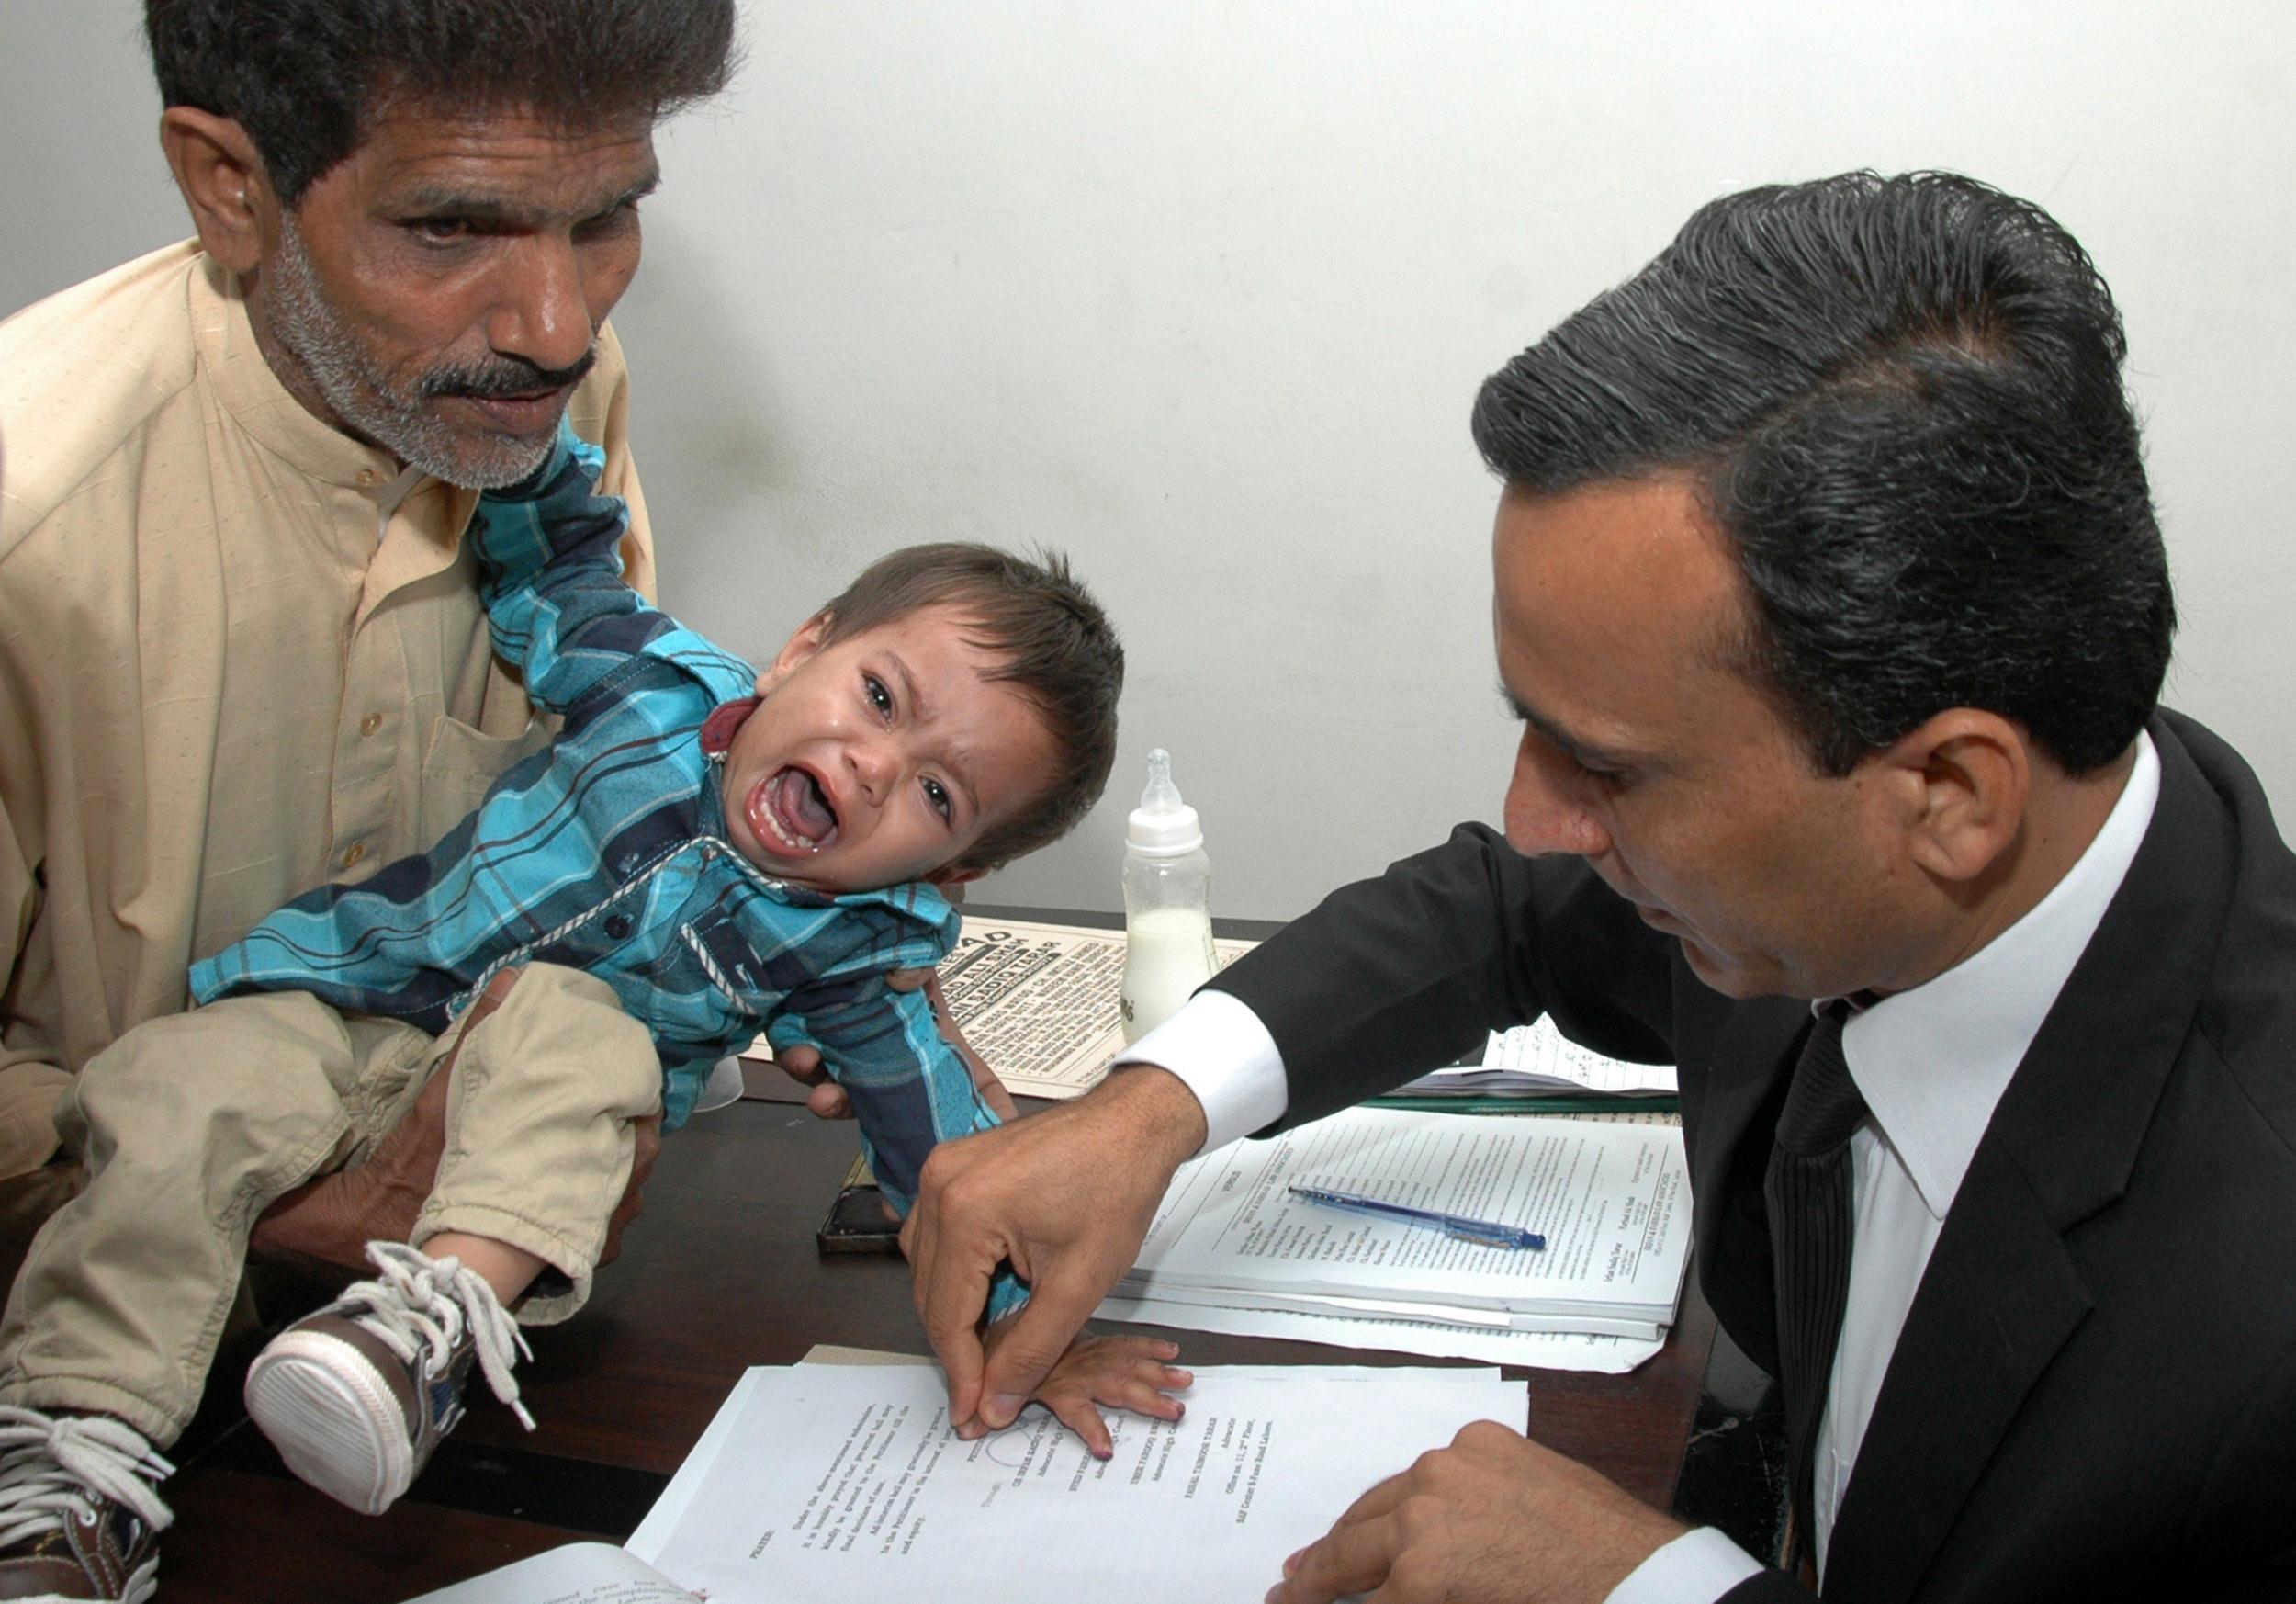 pc-140408-pakistan-baby-830a_6d8b78182550f014bf9f30f28a8d76b2